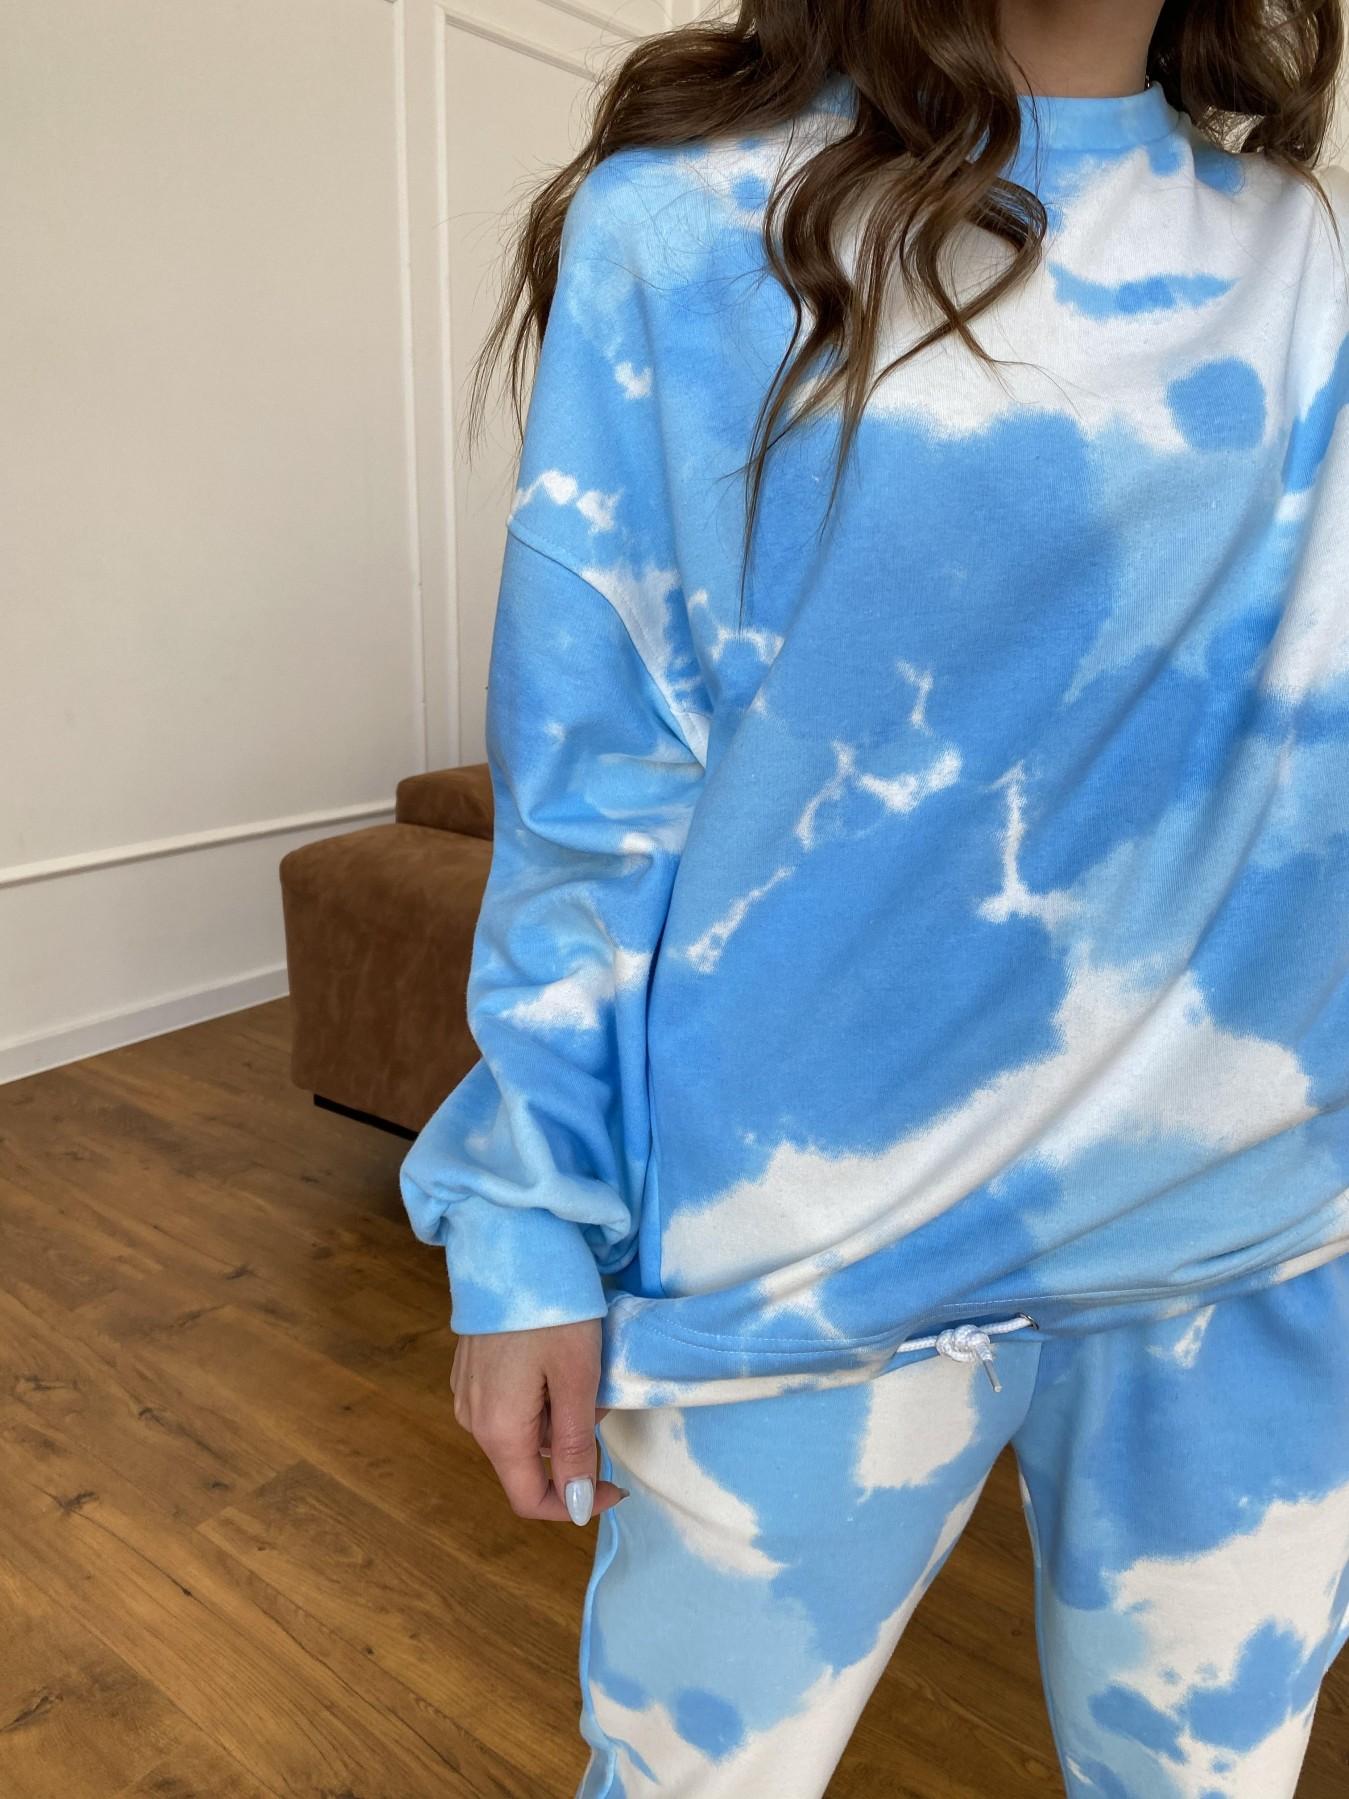 Скай костюм c принтом из 3х нитки 11248 АРТ. 47769 Цвет: Молоко/голубойТайДай - фото 5, интернет магазин tm-modus.ru